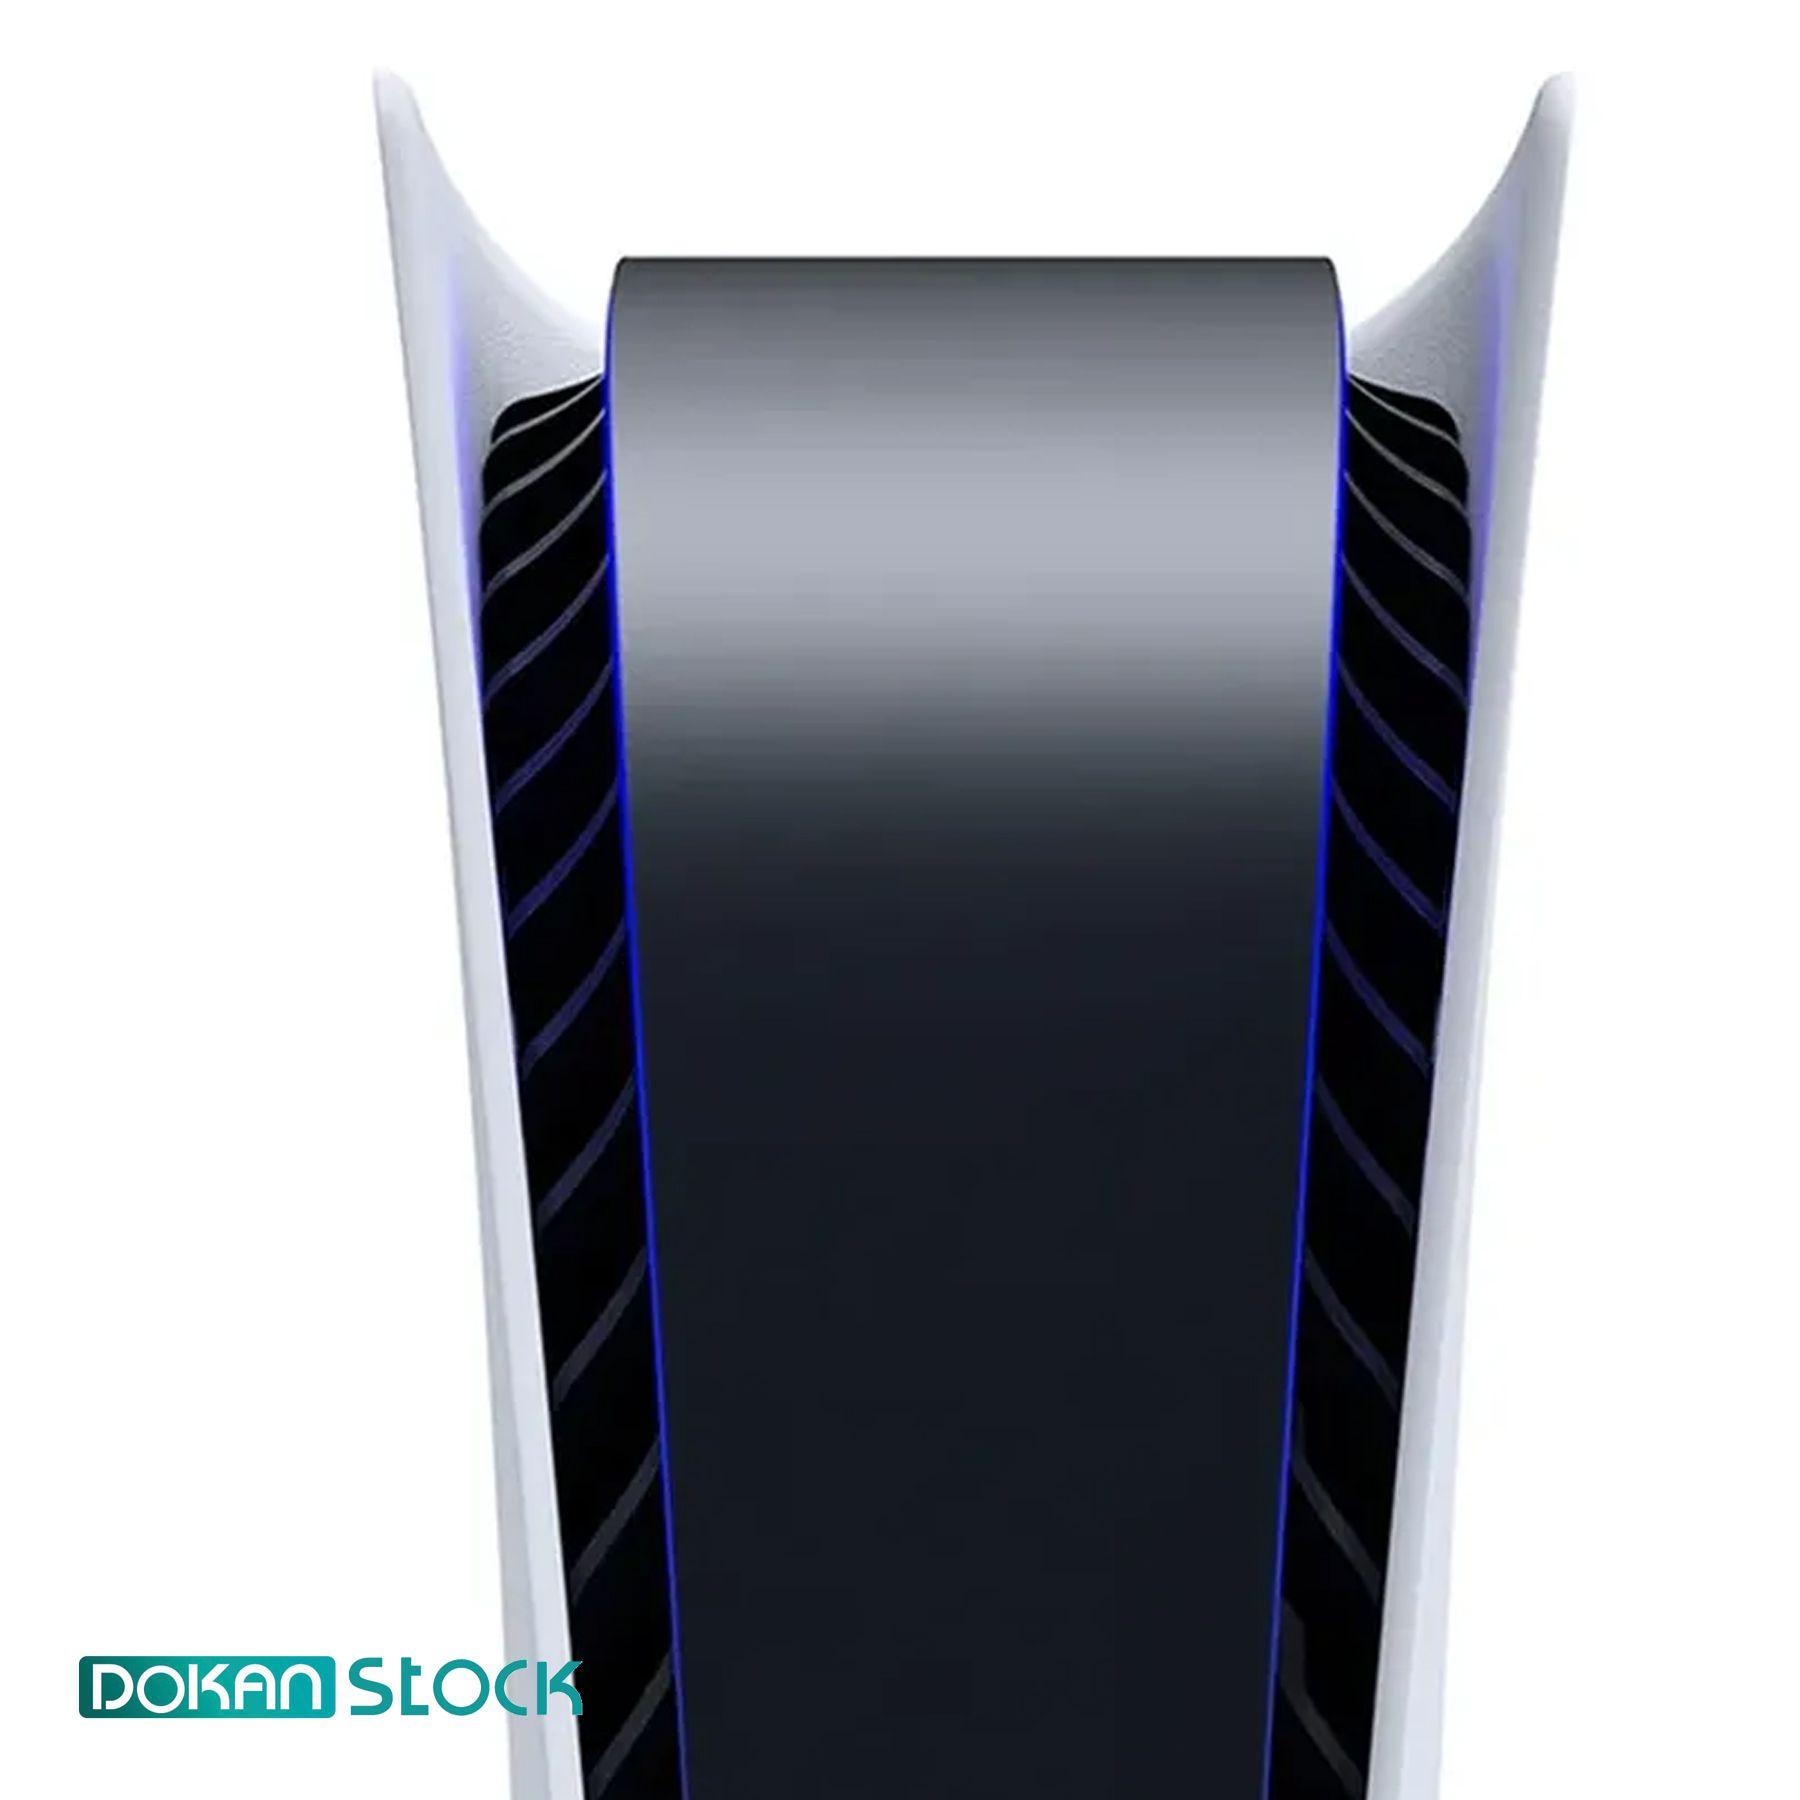 تصویر کنسول بازی استاندارد ps5 سونی مدل Playstation 5 ظرفیت 825 گیگابایت